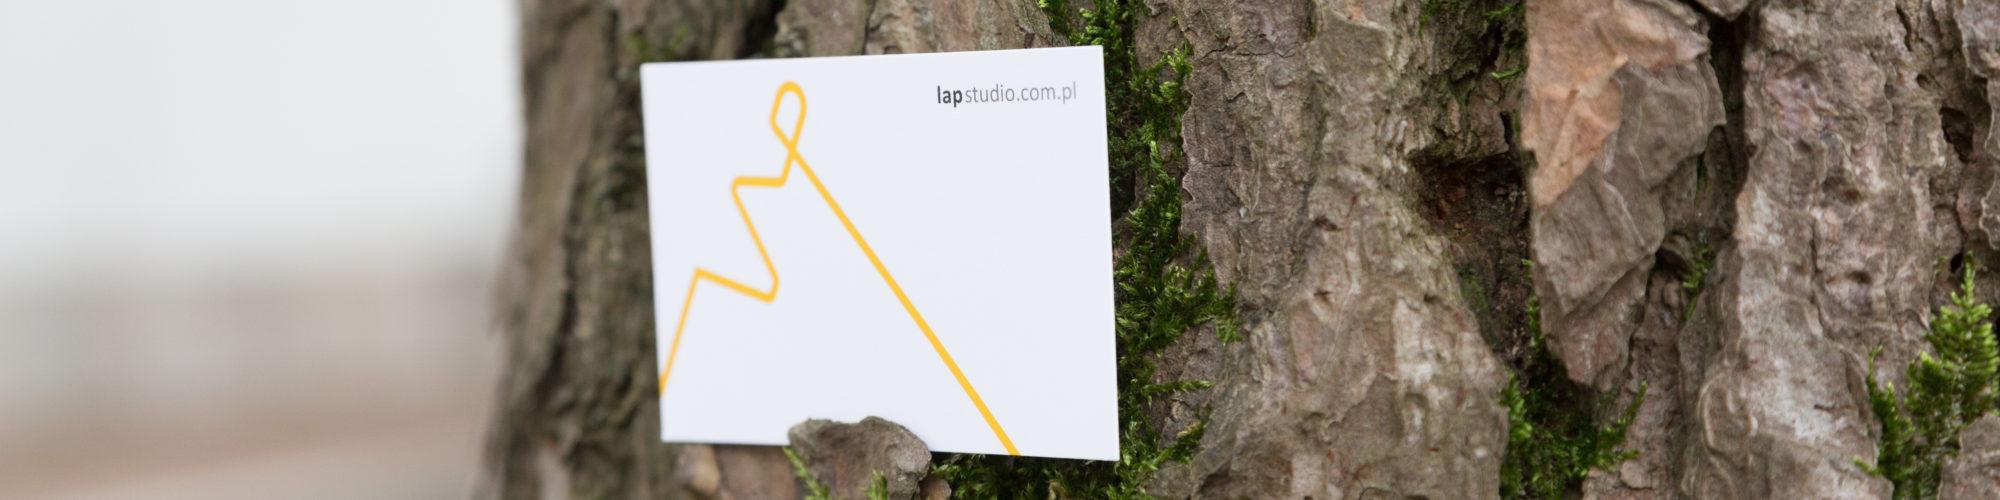 LAPstudio_ct02